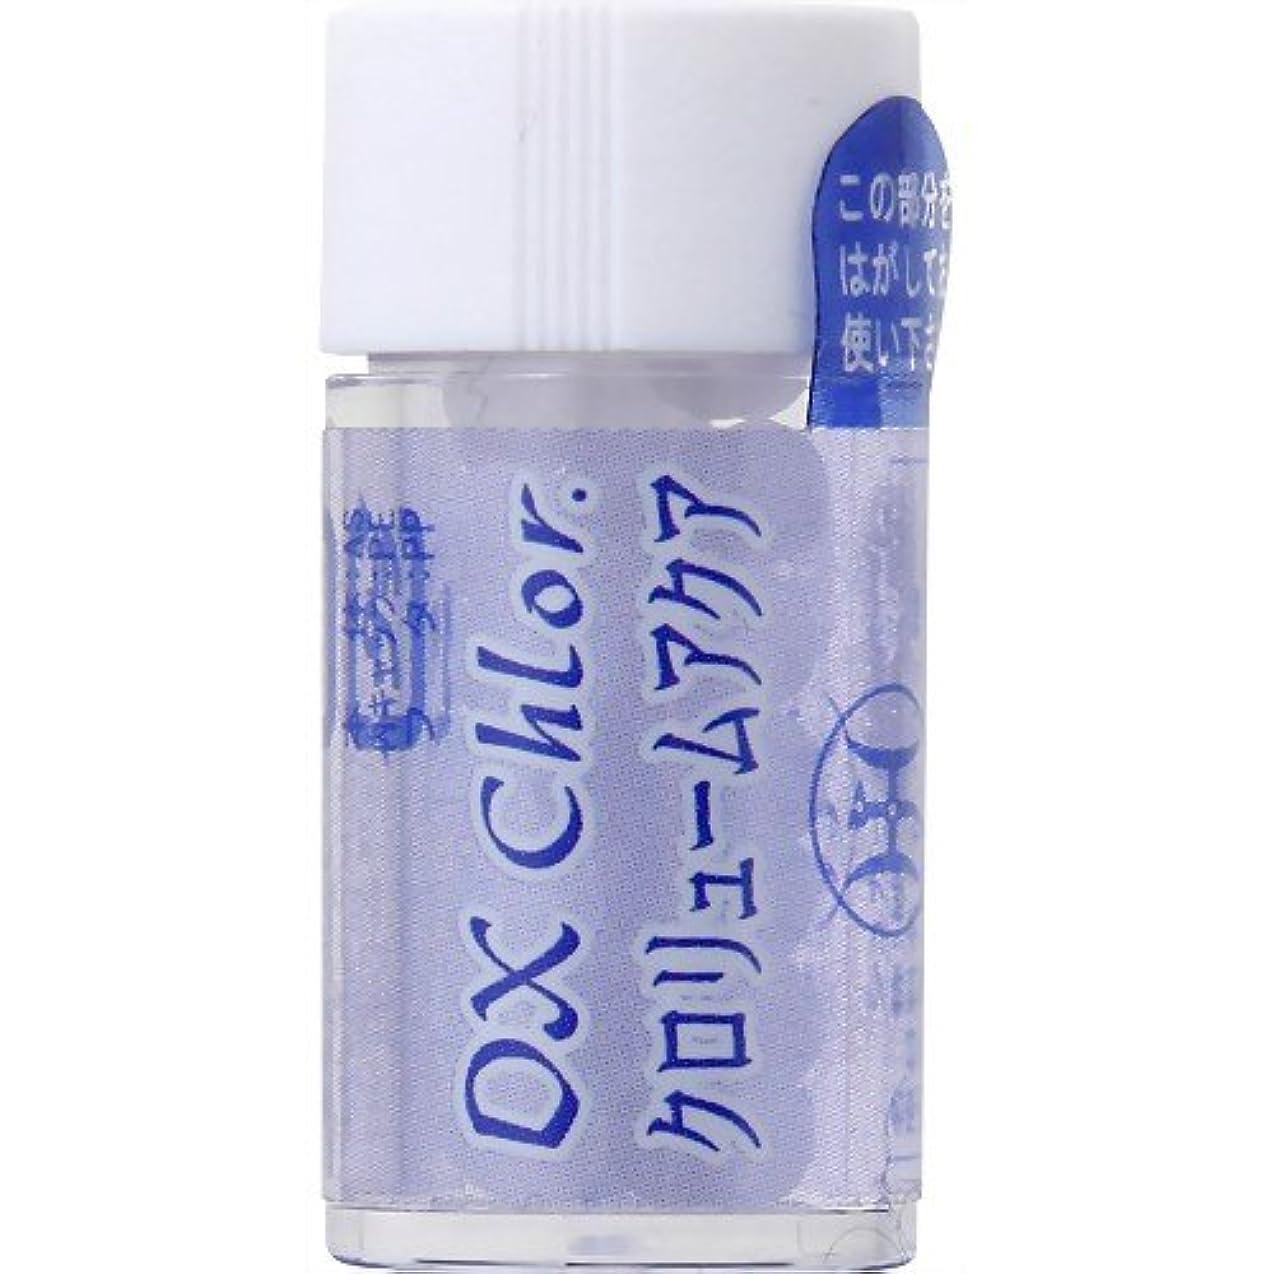 素朴な早くビールホメオパシージャパンレメディー DX Chlor.  ディーエックス クロリュームアクア (小ビン)